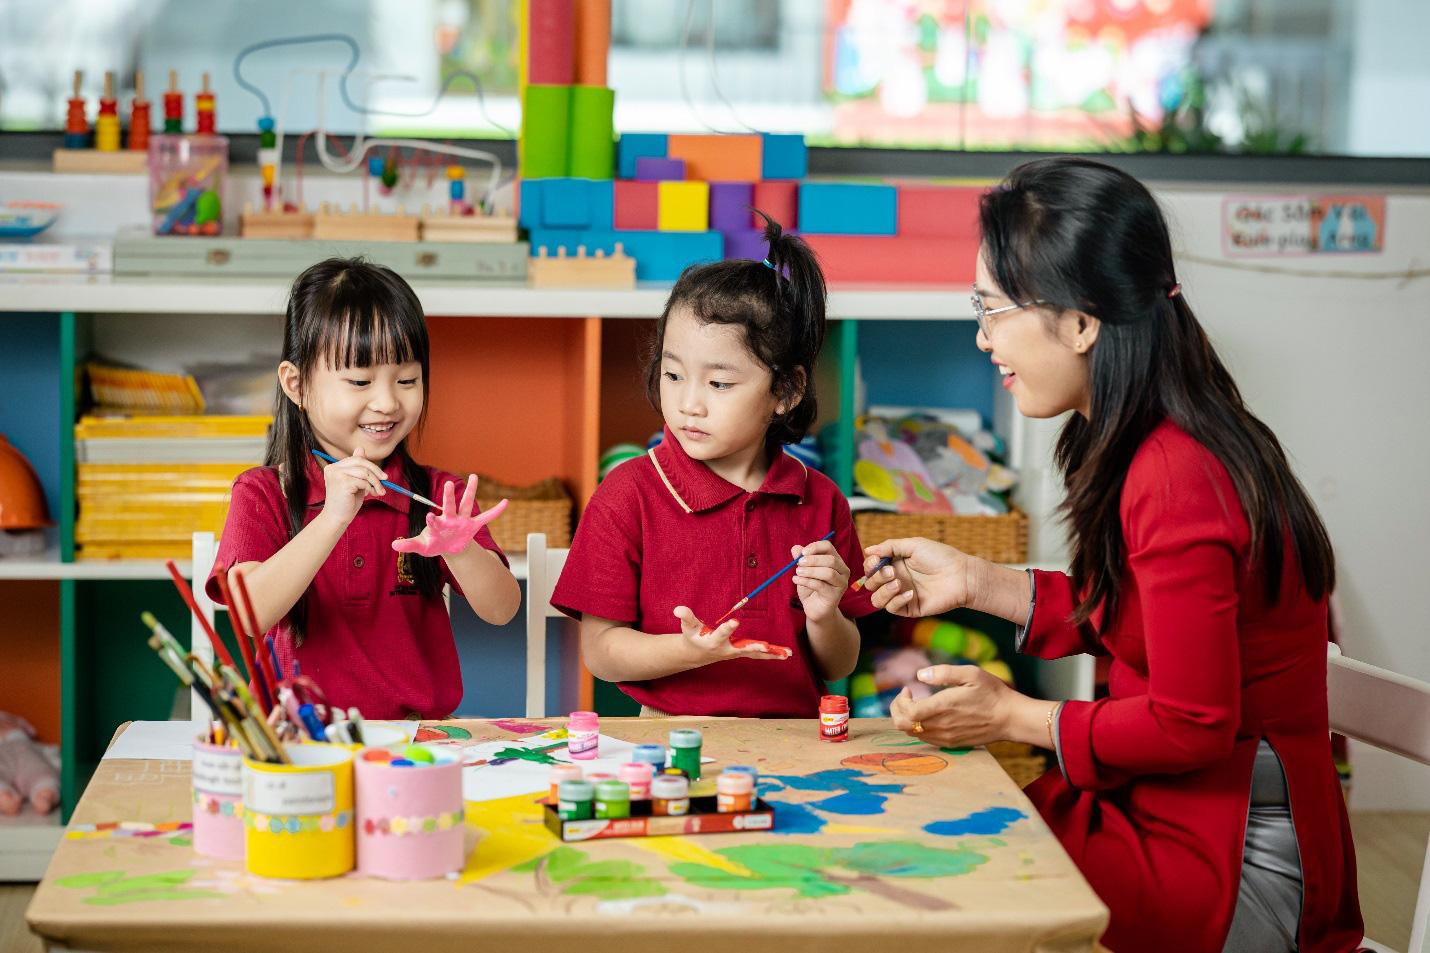 Thành công của trẻ đến từ sự gắn kết giữa nhà trường và gia đình - Ảnh 4.